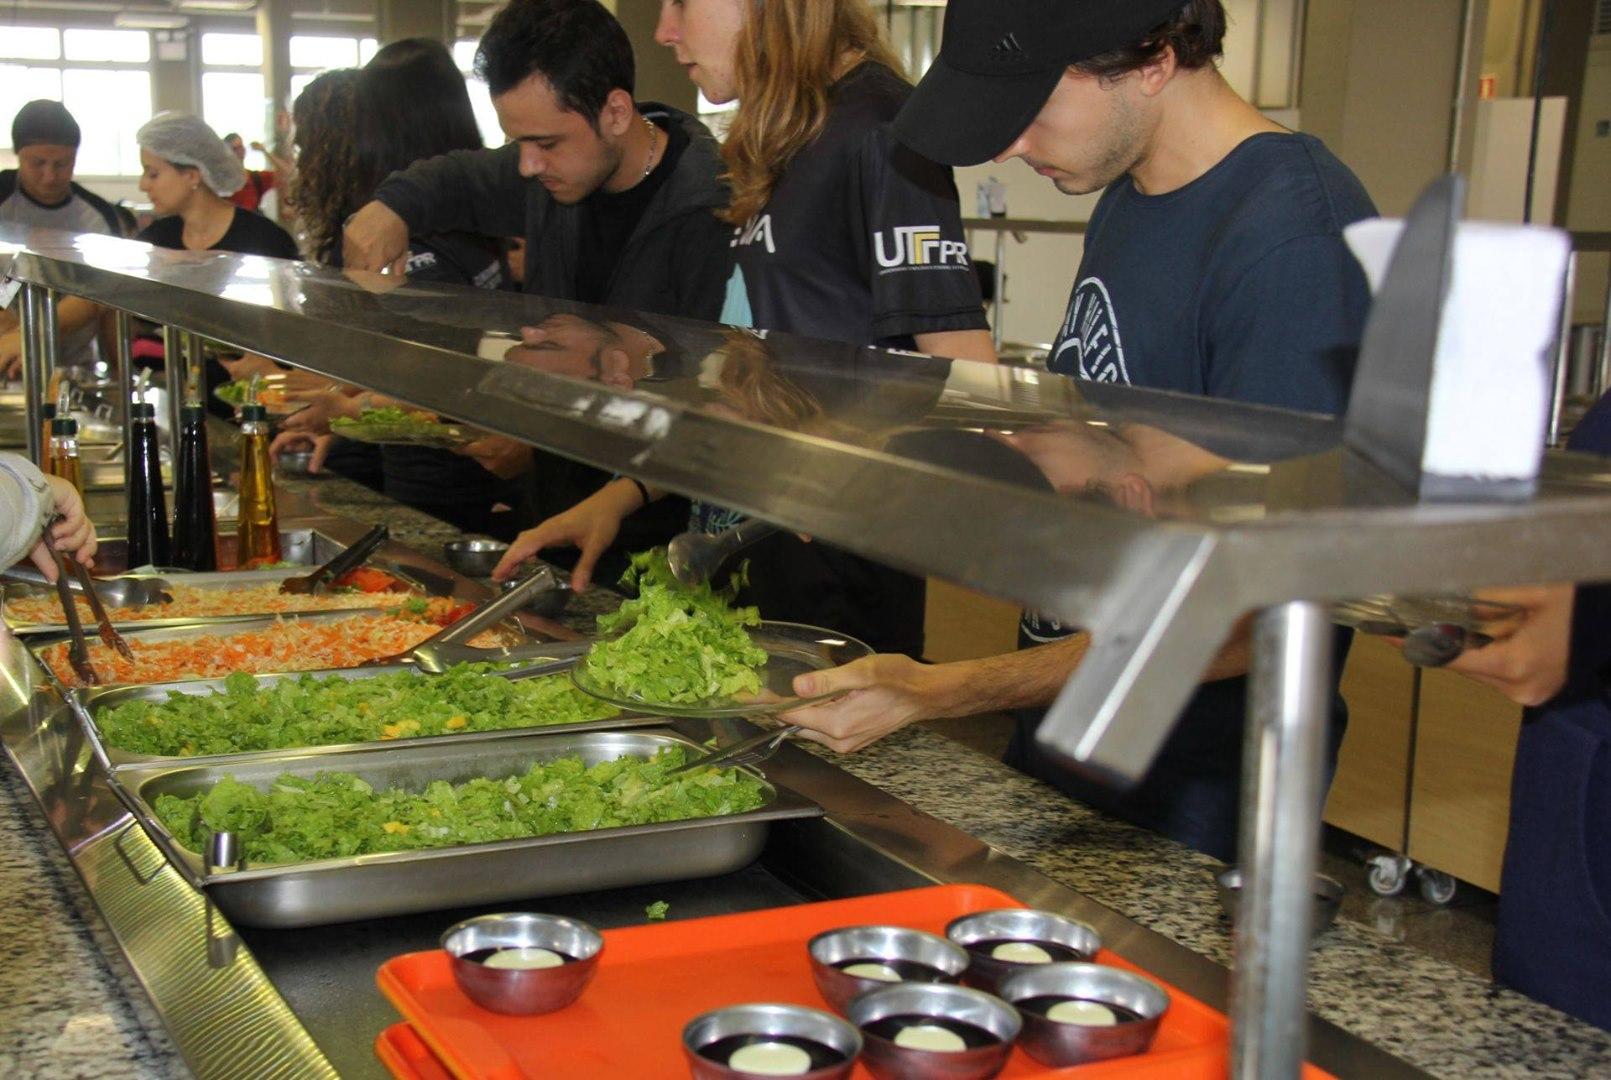 Reaberto o Restaurante Universitário da UTFPR